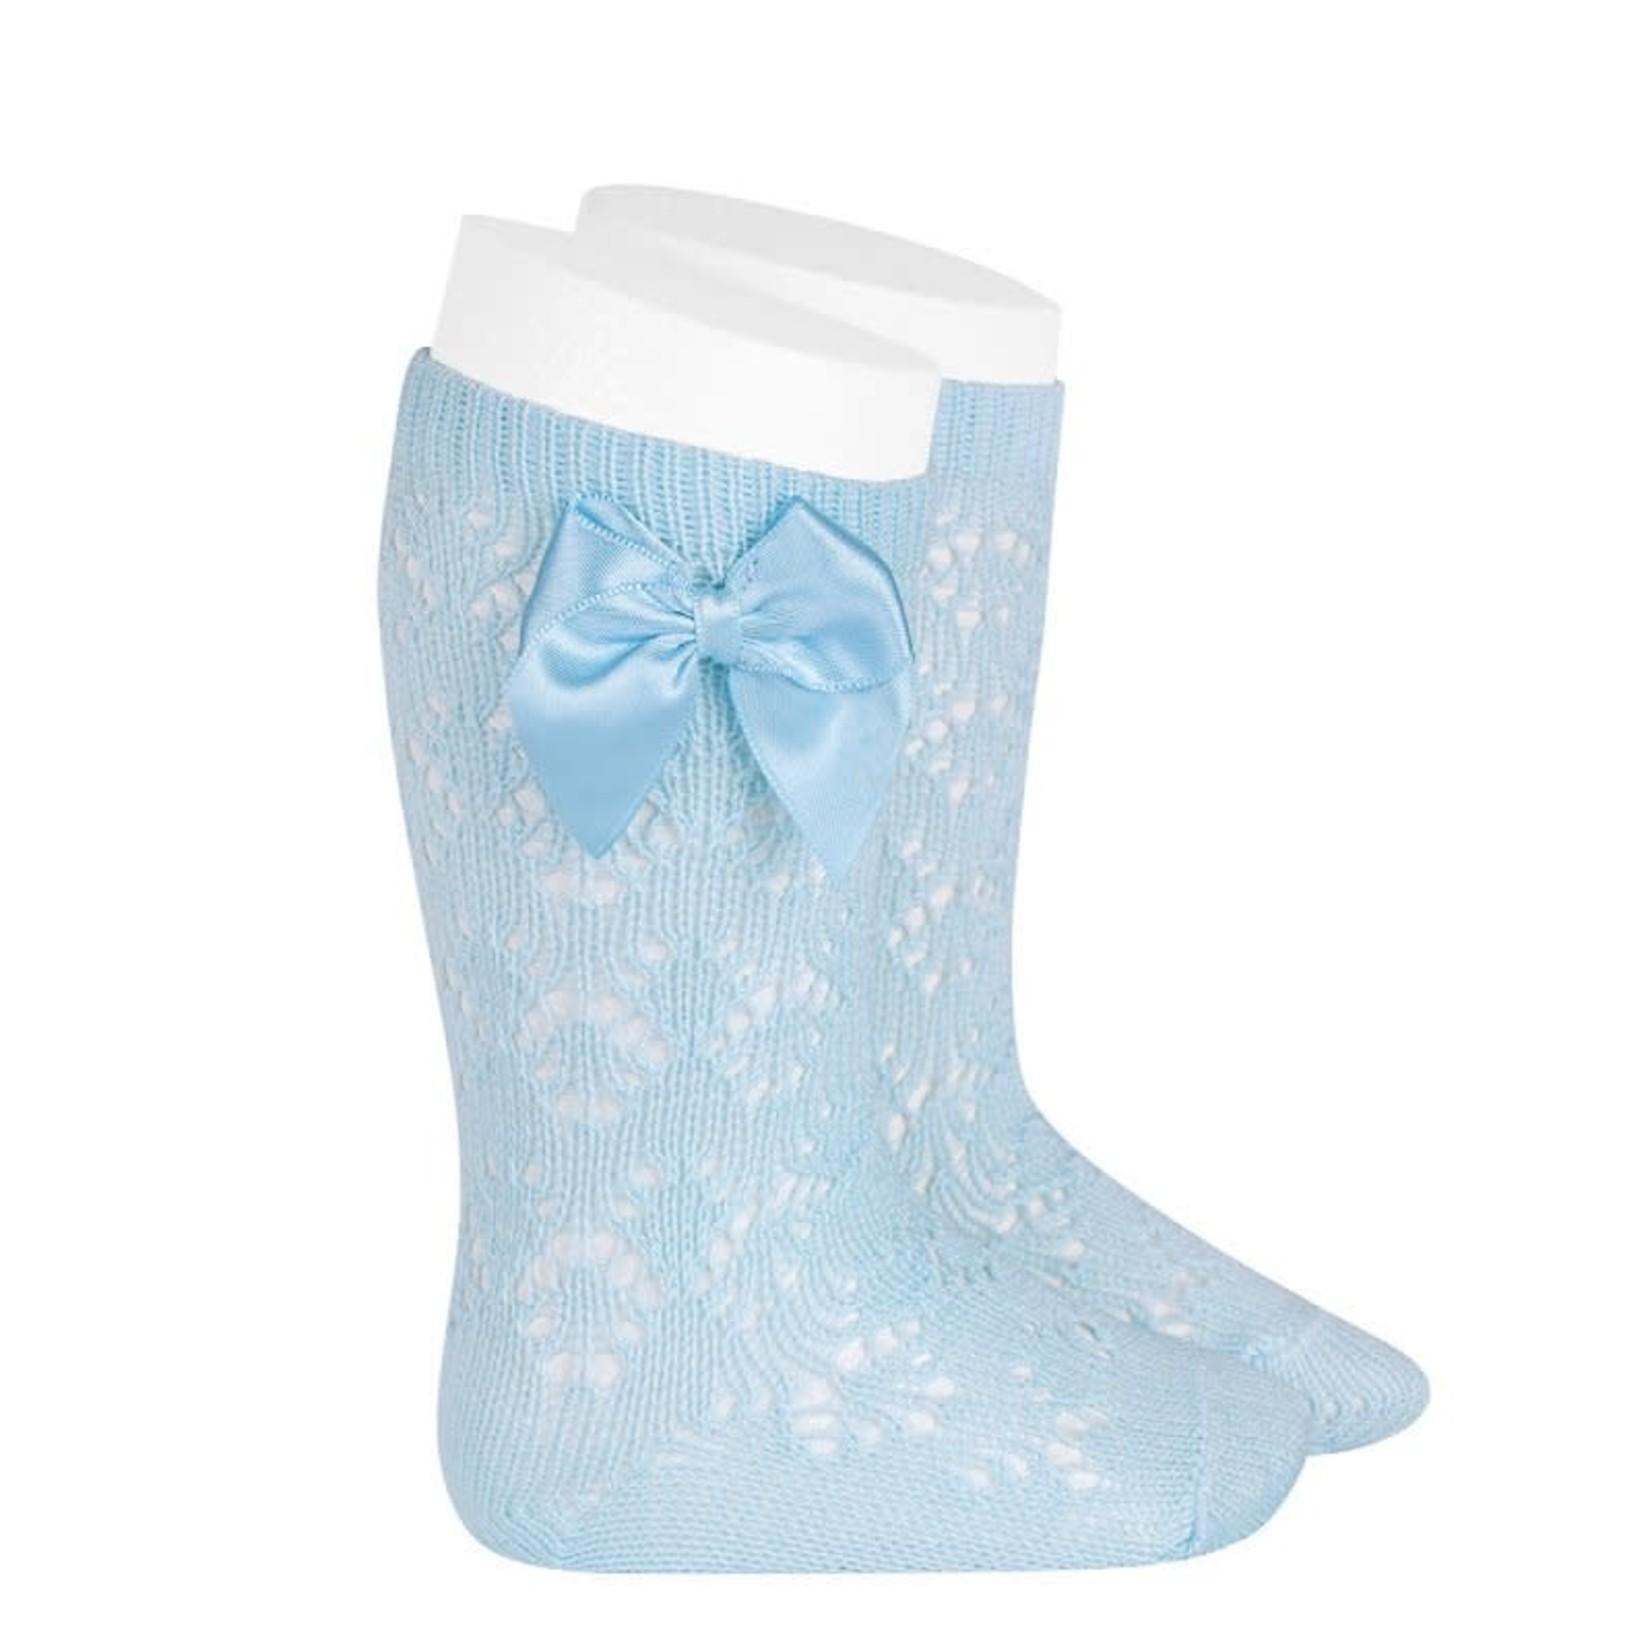 Socks Open w/Bow - Light Blue